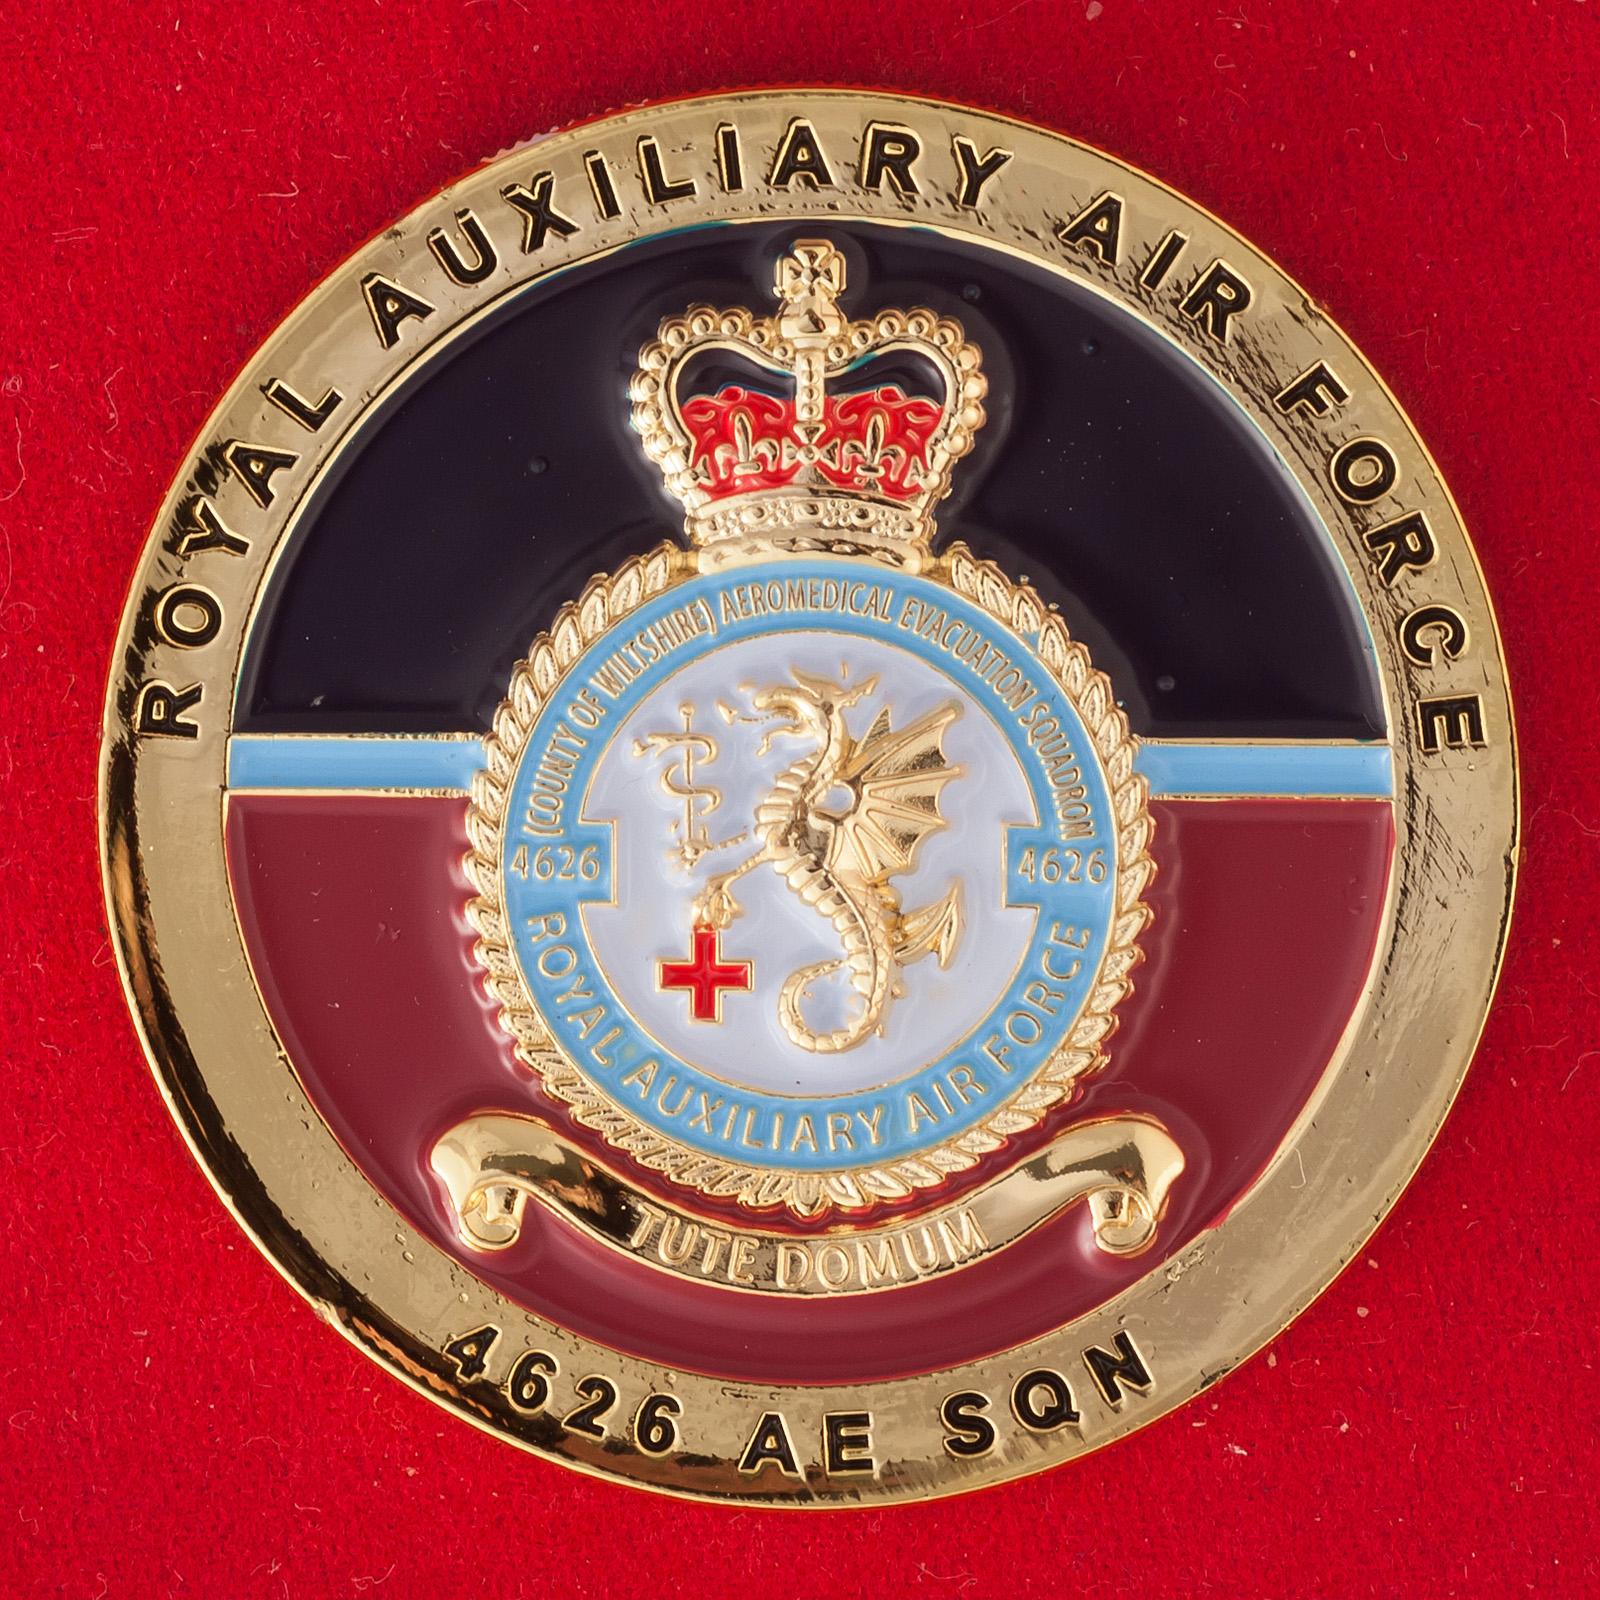 Челлендж коин 4626-й вспомогательной эскадрильи Королевских ВВС Великобритании